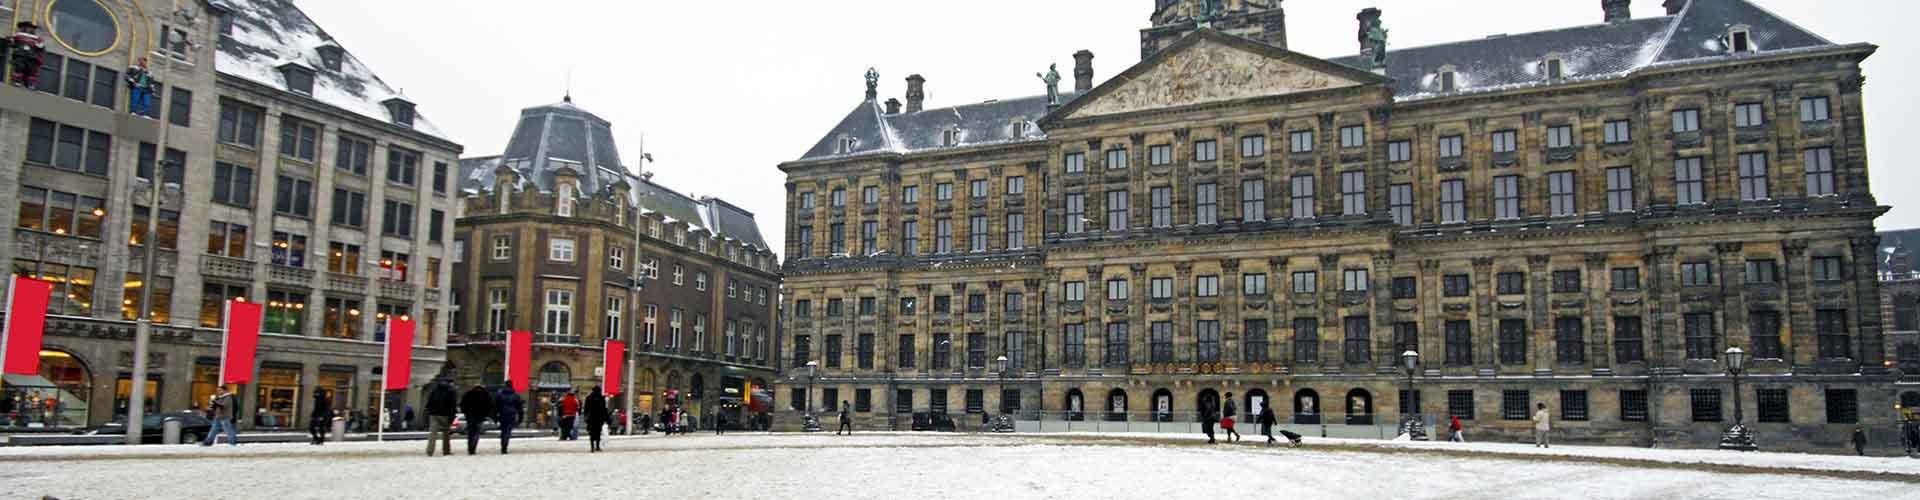 阿姆斯特丹 – 皇宫附近的青年旅舍。阿姆斯特丹地图,阿姆斯特丹每家青年旅舍的照片和评价。